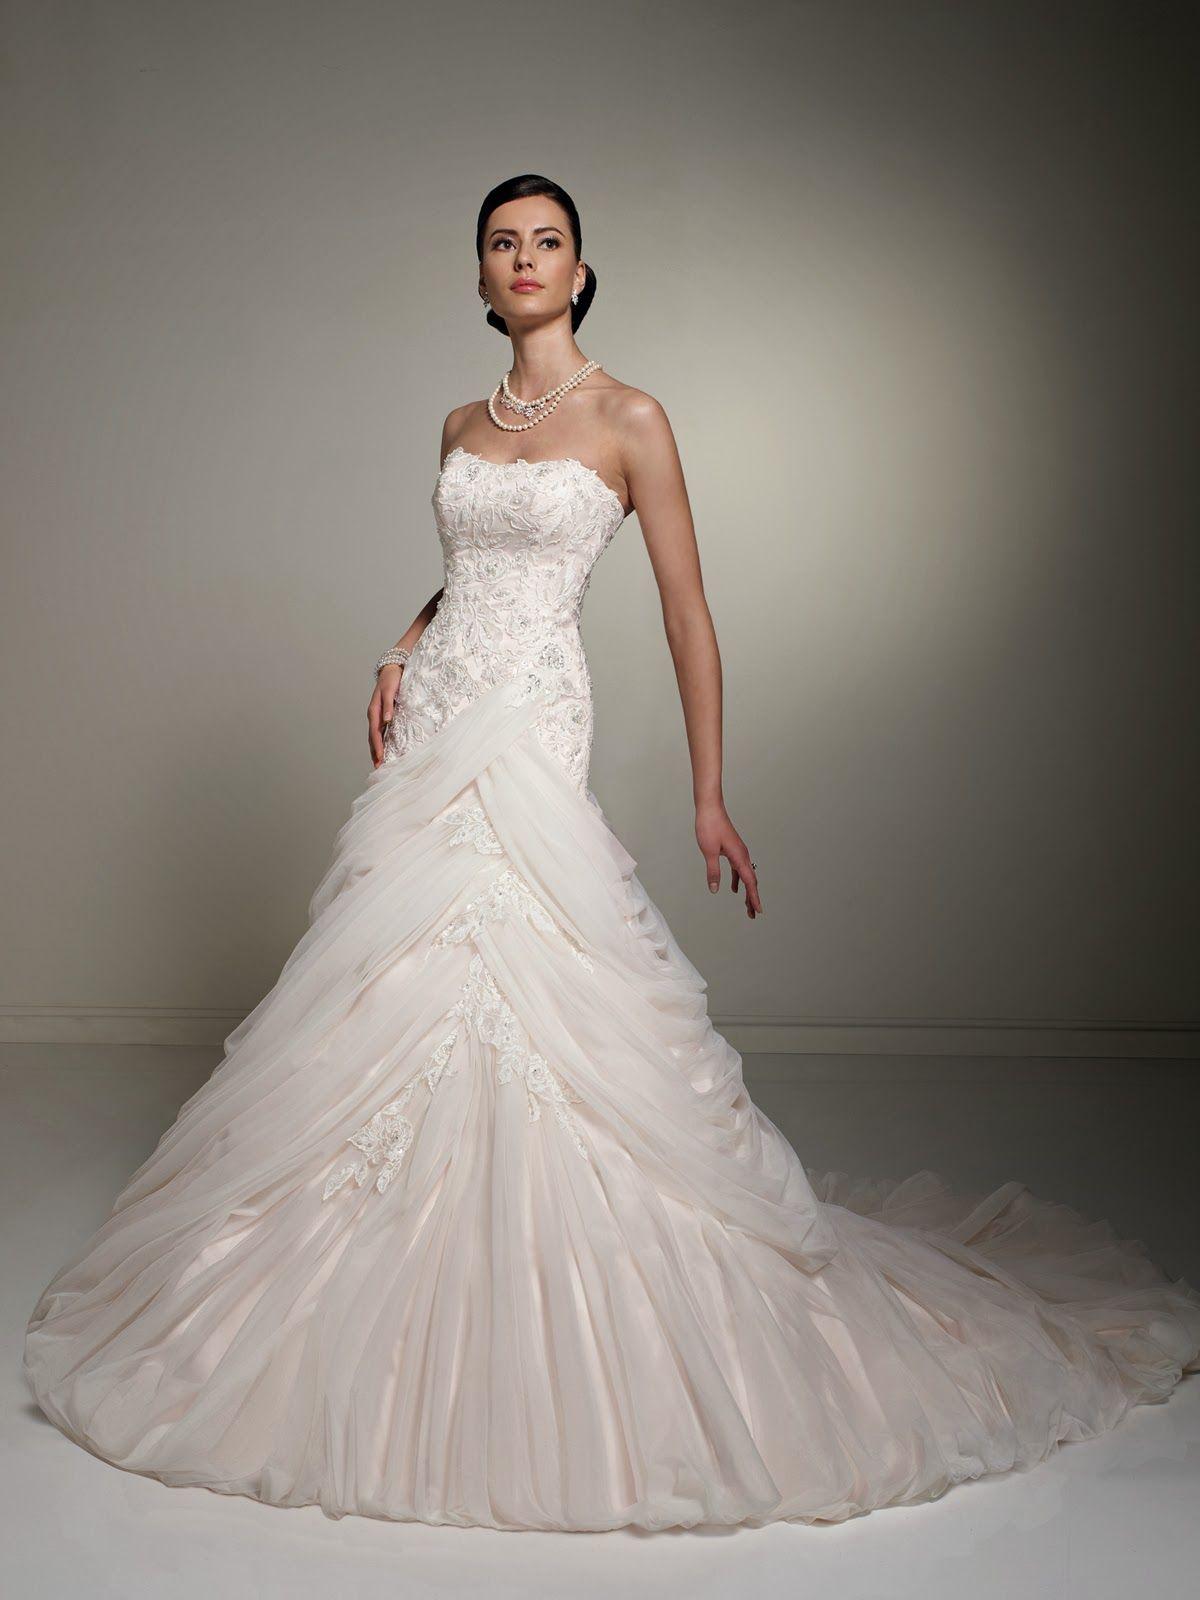 Vestidos novia originales y baratos